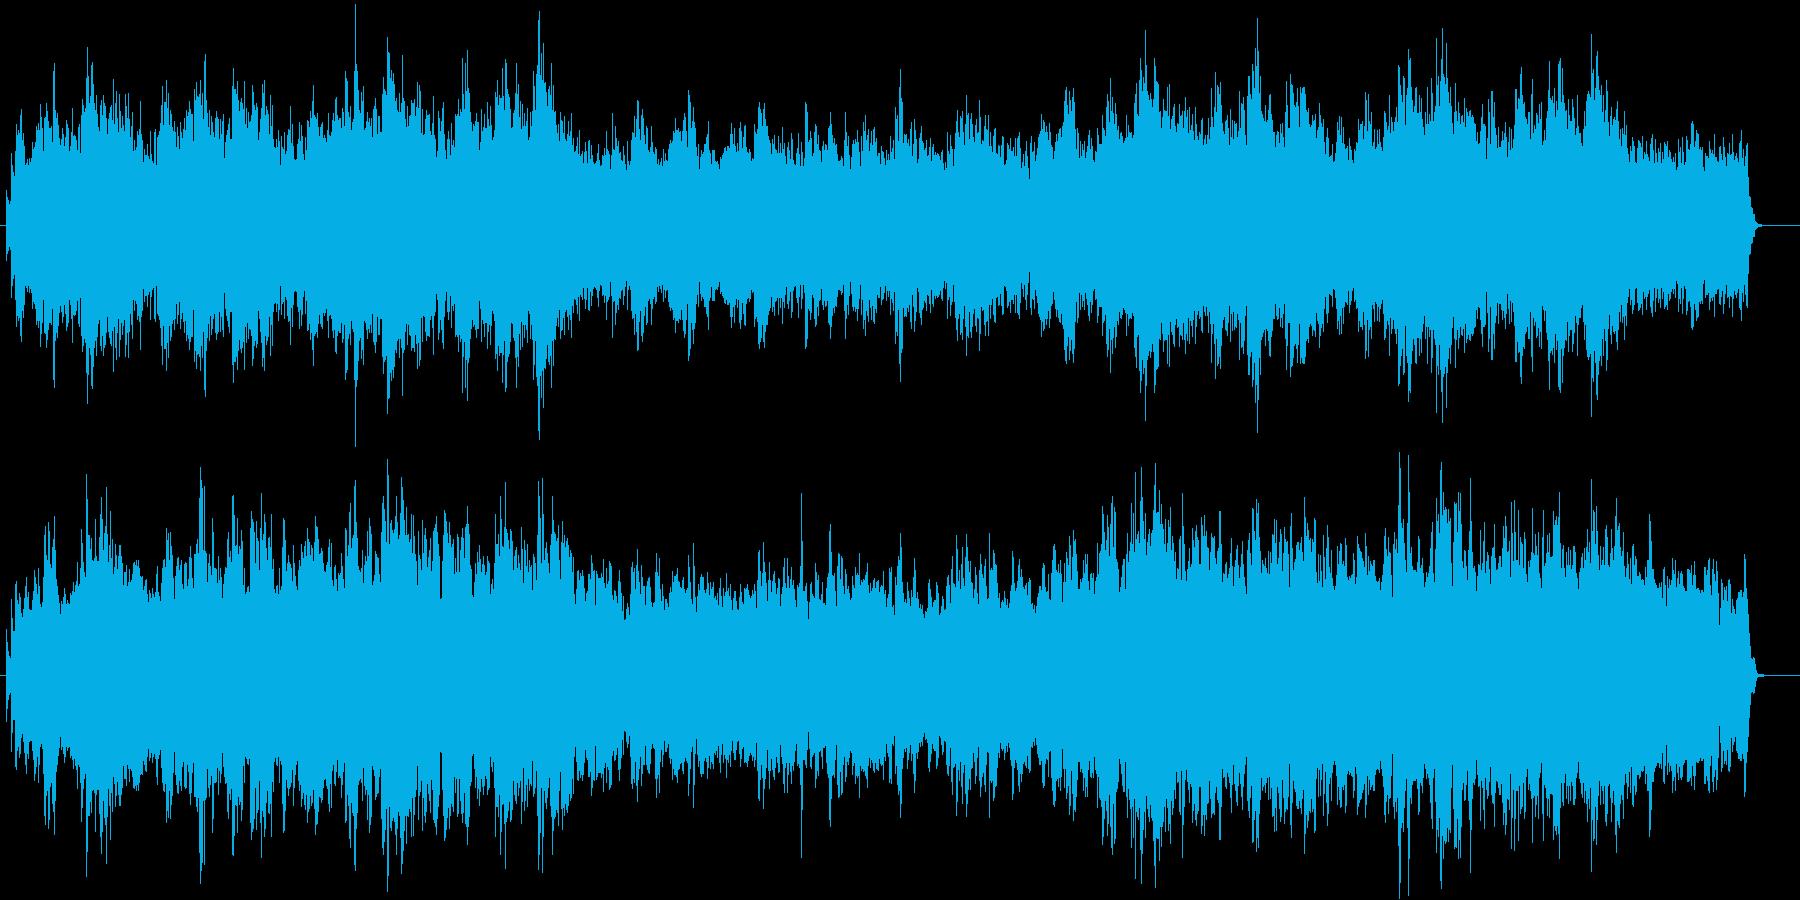 上品 感動 ブライダル 旅立ち 回想の再生済みの波形